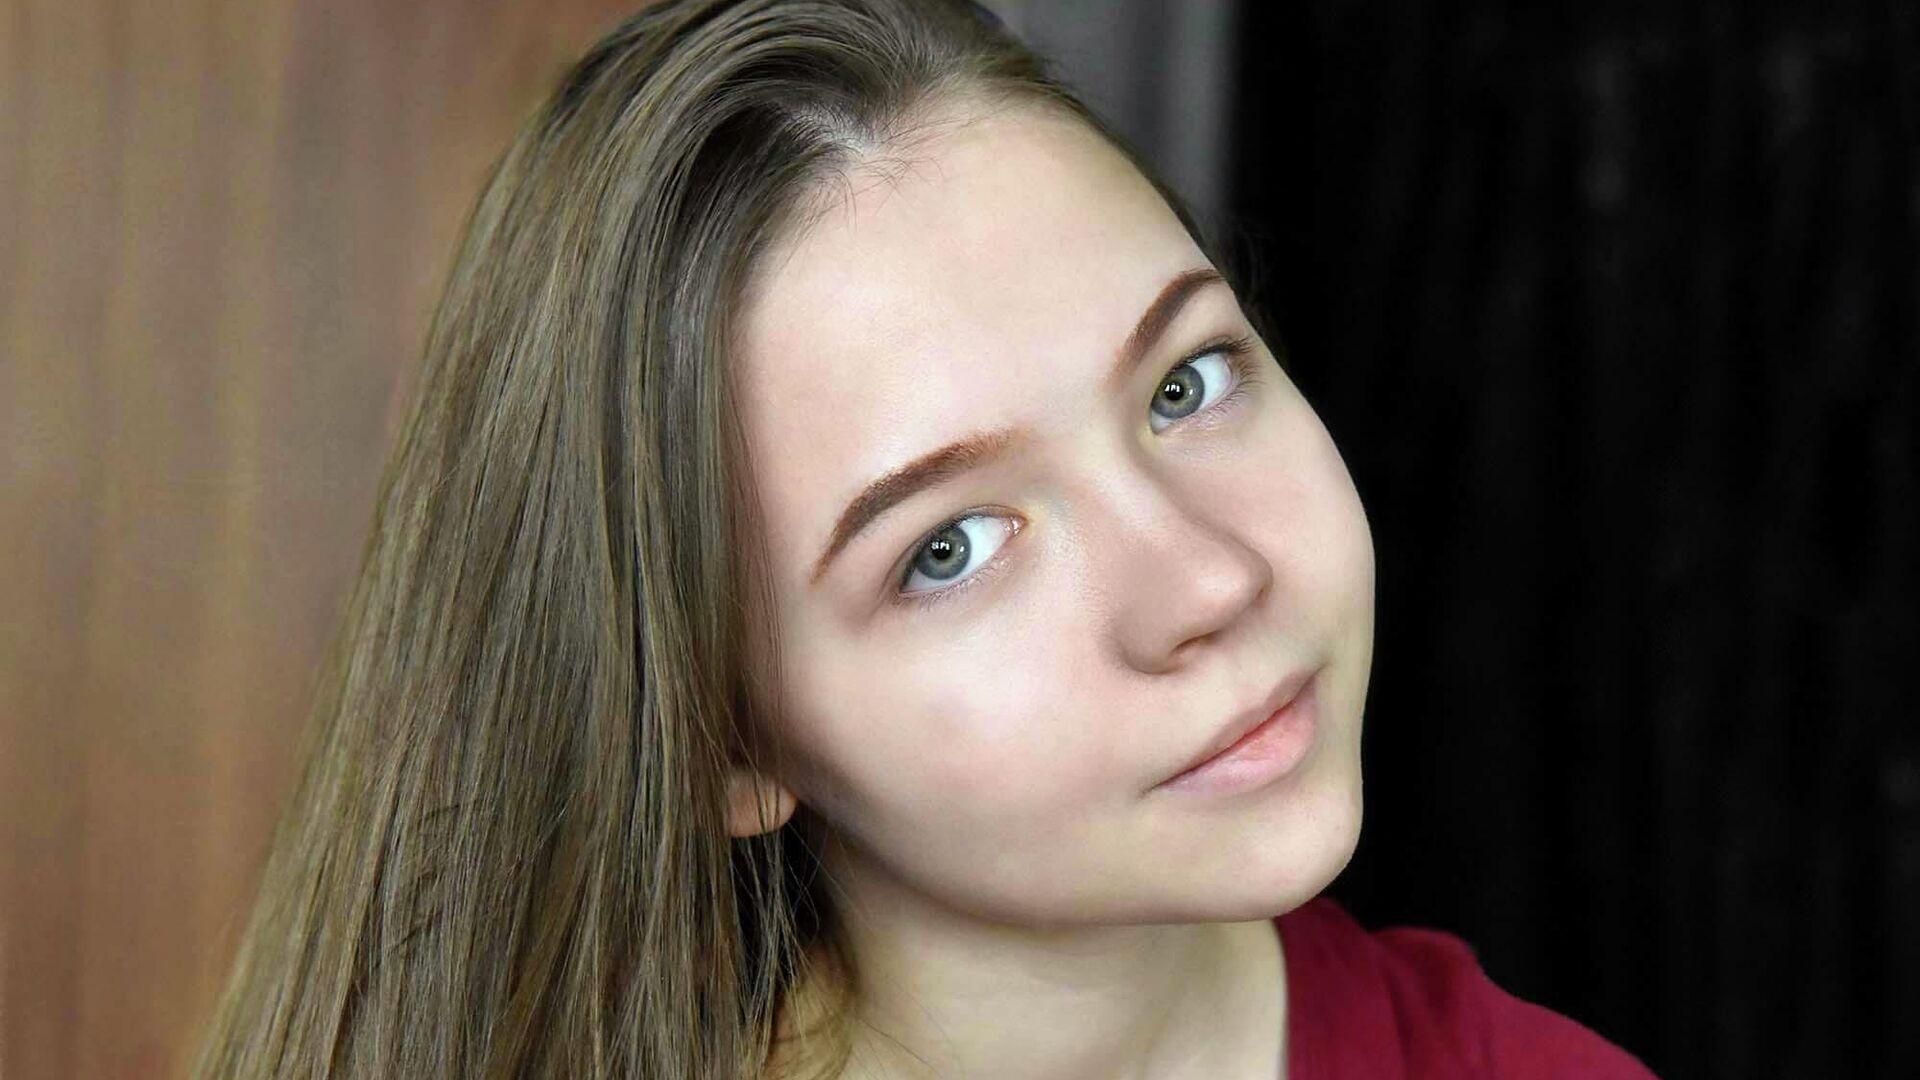 Вернуть радость жизни: Кристину Лачкину спасет срочная операция - РИА Новости, 1920, 09.04.2021